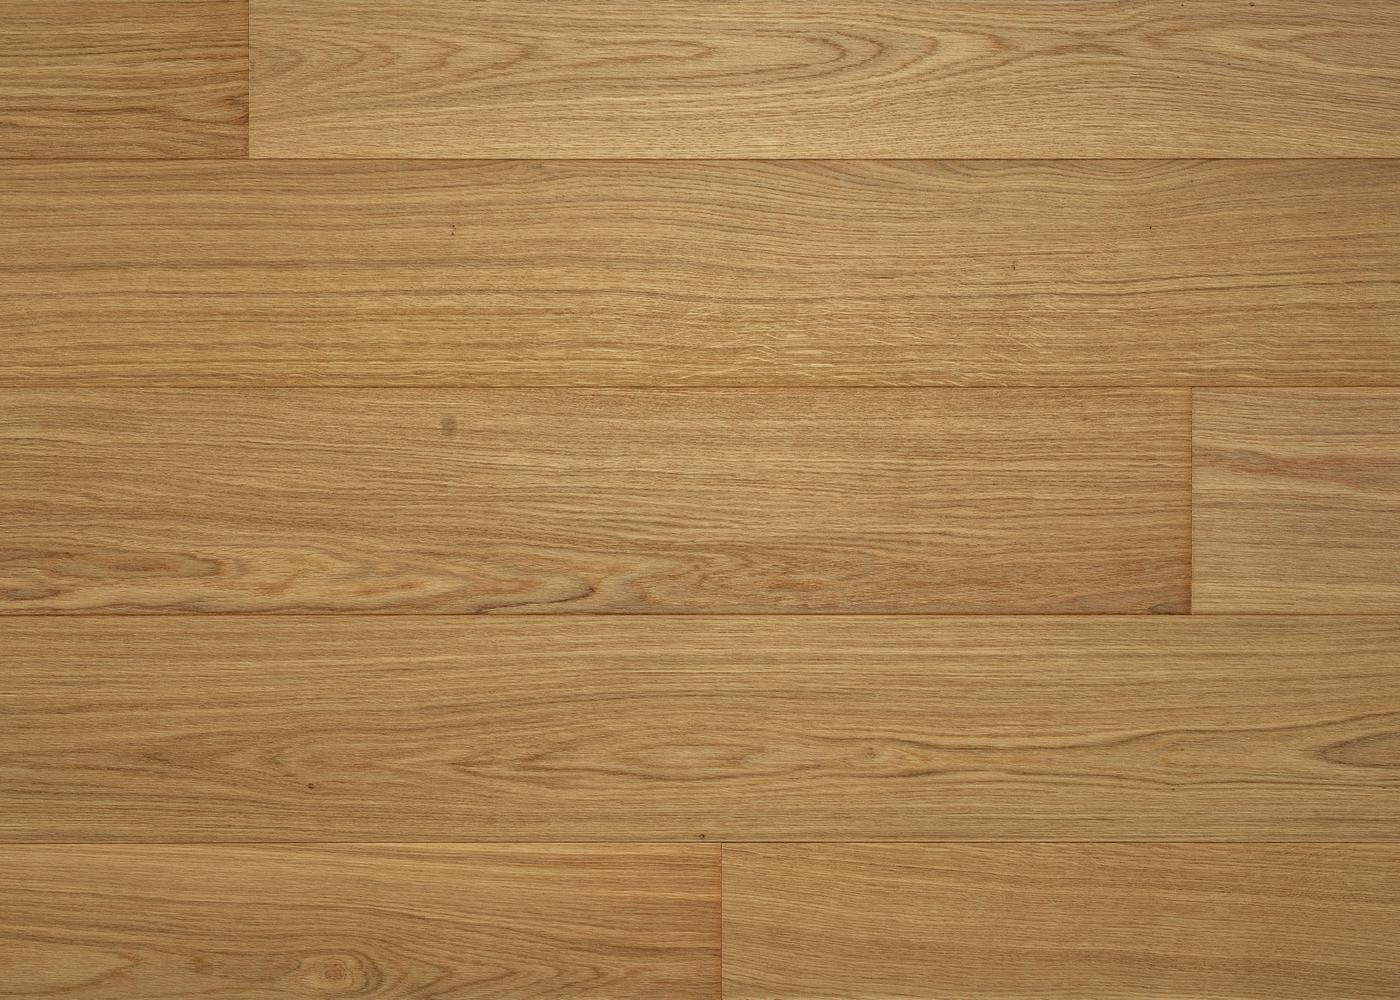 Parquet chêne contrecollé VIENNE brossé vernis mat Select support HDF 10x92x1420